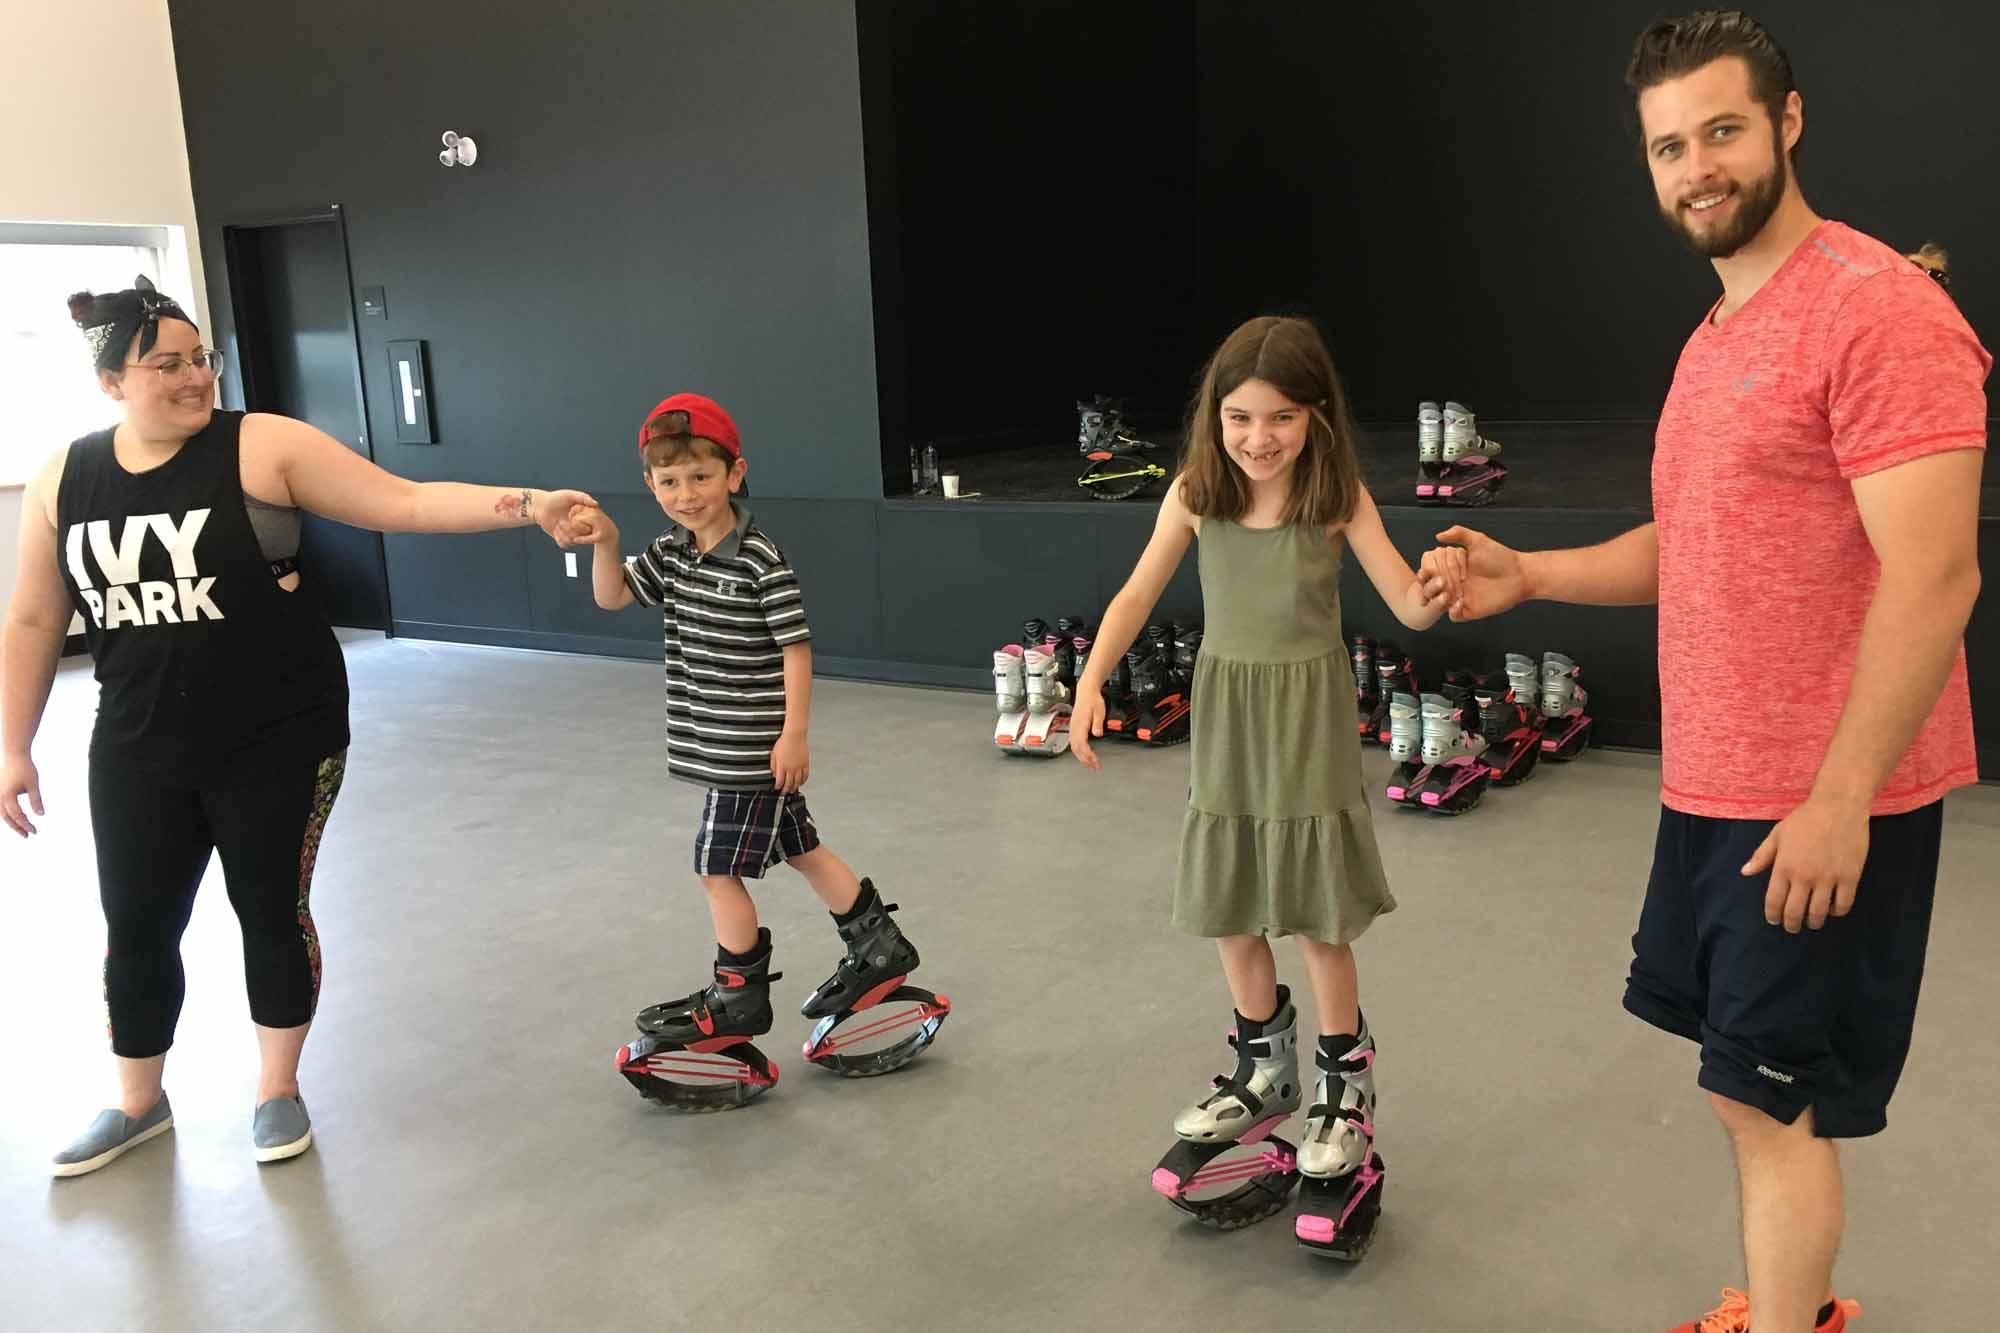 Jessica Desrosiers offrent une initiation de bottes trampolines (kangoo jumps) aux jeunes Tristan et Jade Ducharme dans une des salles disponibles pour des cours ou des ateliers.